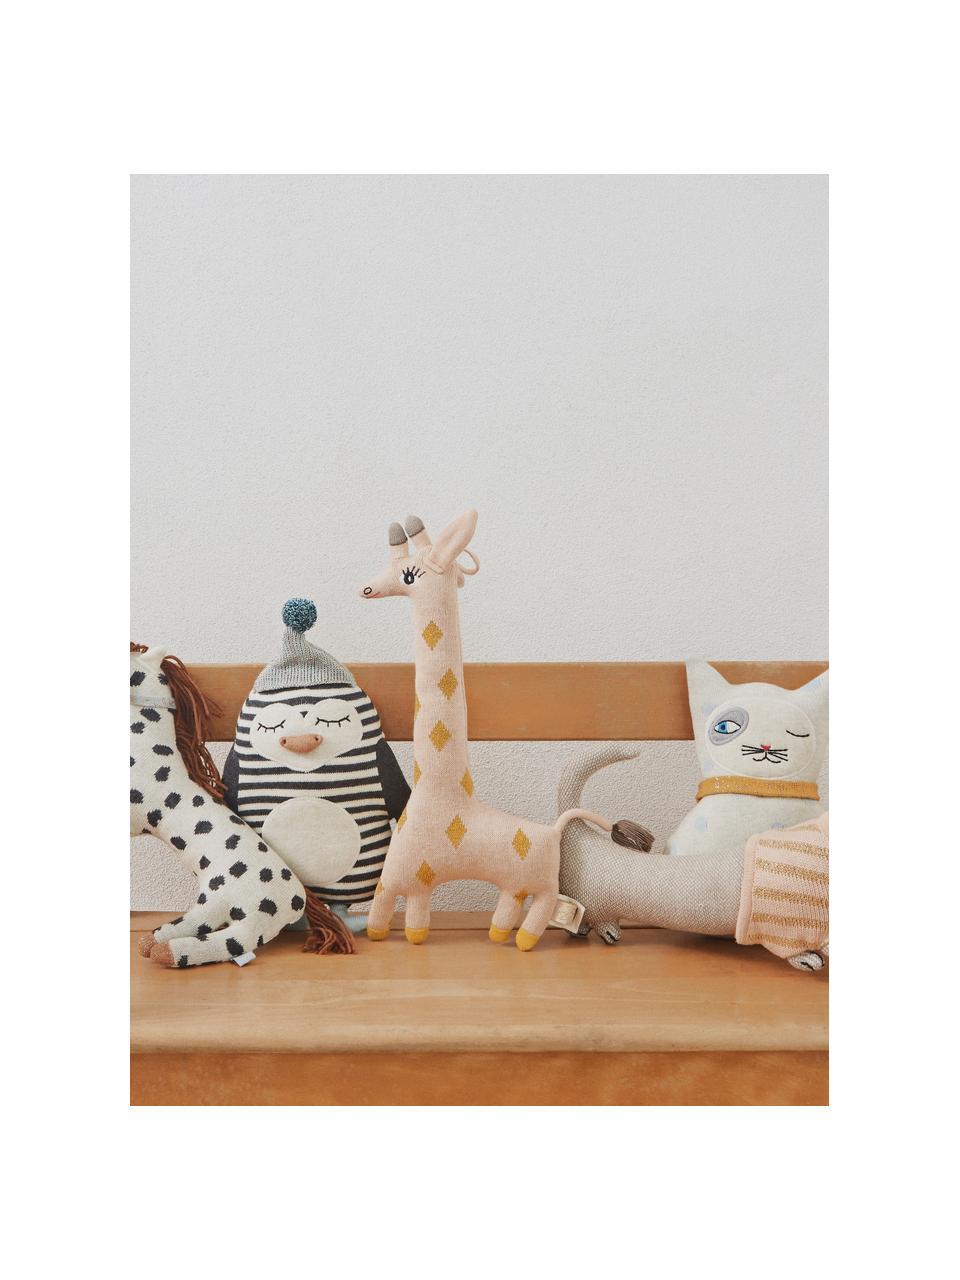 Poduszka do przytulania Bob, Bawełna, Złamana biel, czarny, zielony miętowy, pomarańczowy, S 18 x W 26 cm